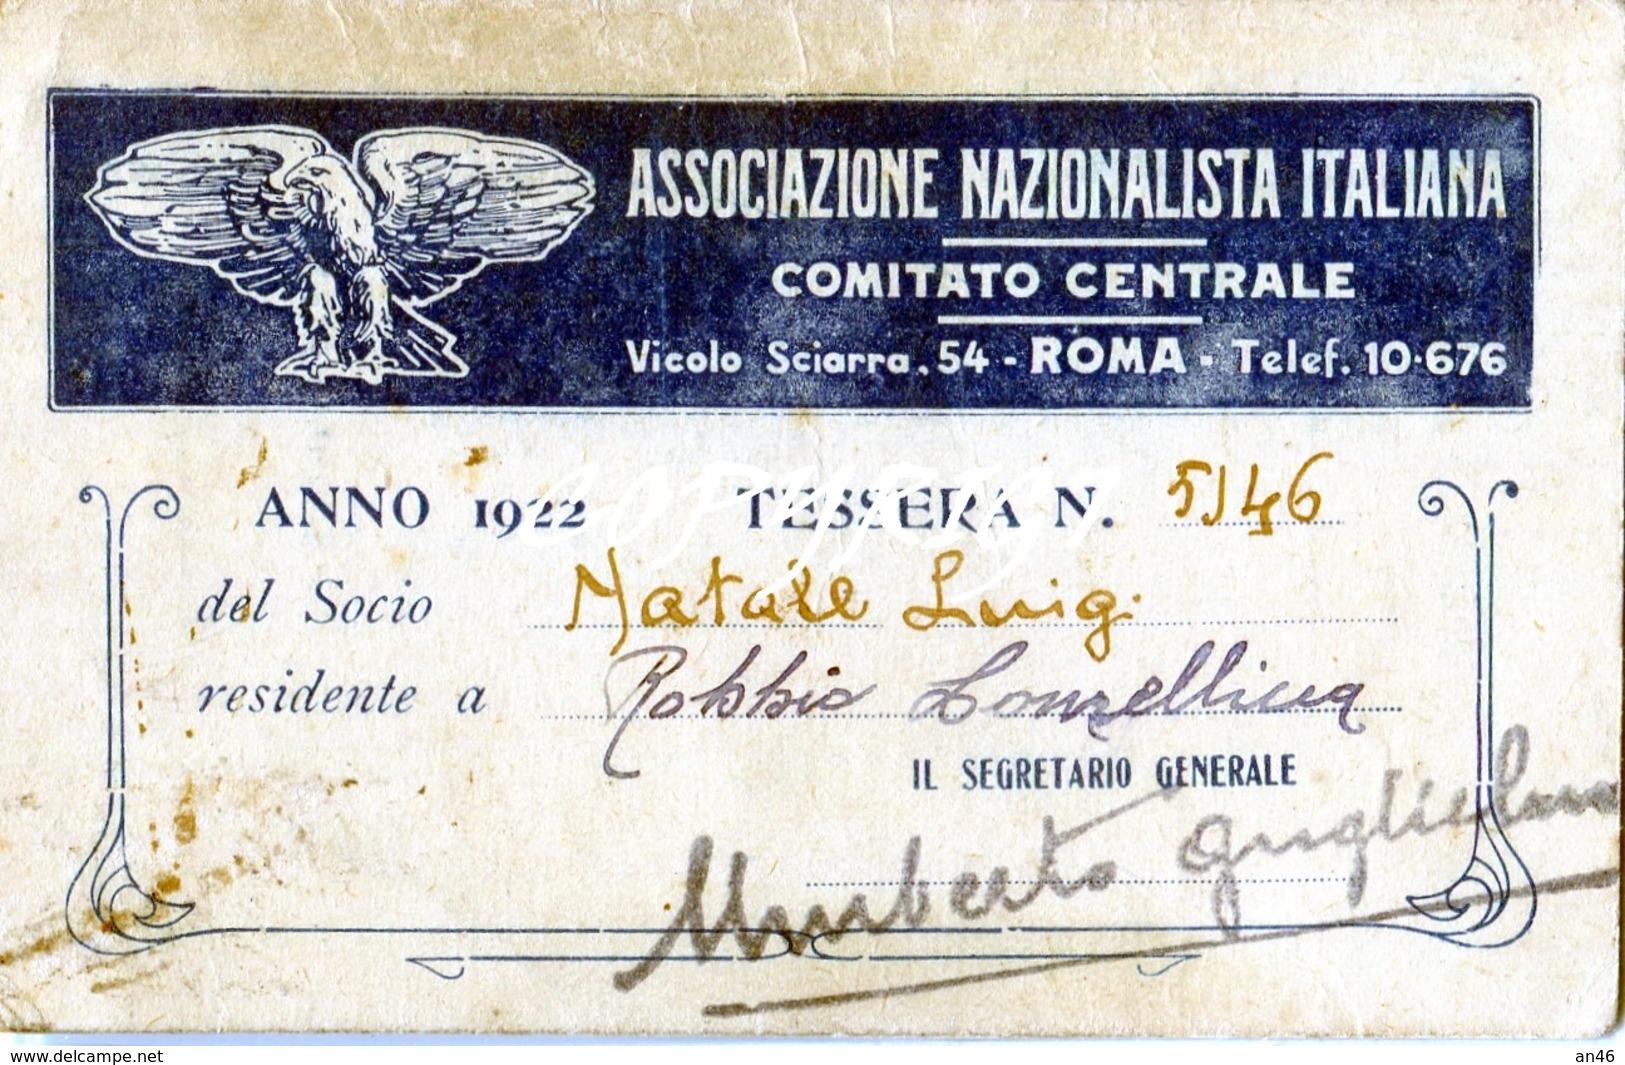 """TESSERA_TESSERE_DOCUMENTO/I-""""ASSOCIAZIONE NAZIONALISTA ITALIANA 1922""""COMITATO CENTRALE-ROMA - Collections"""